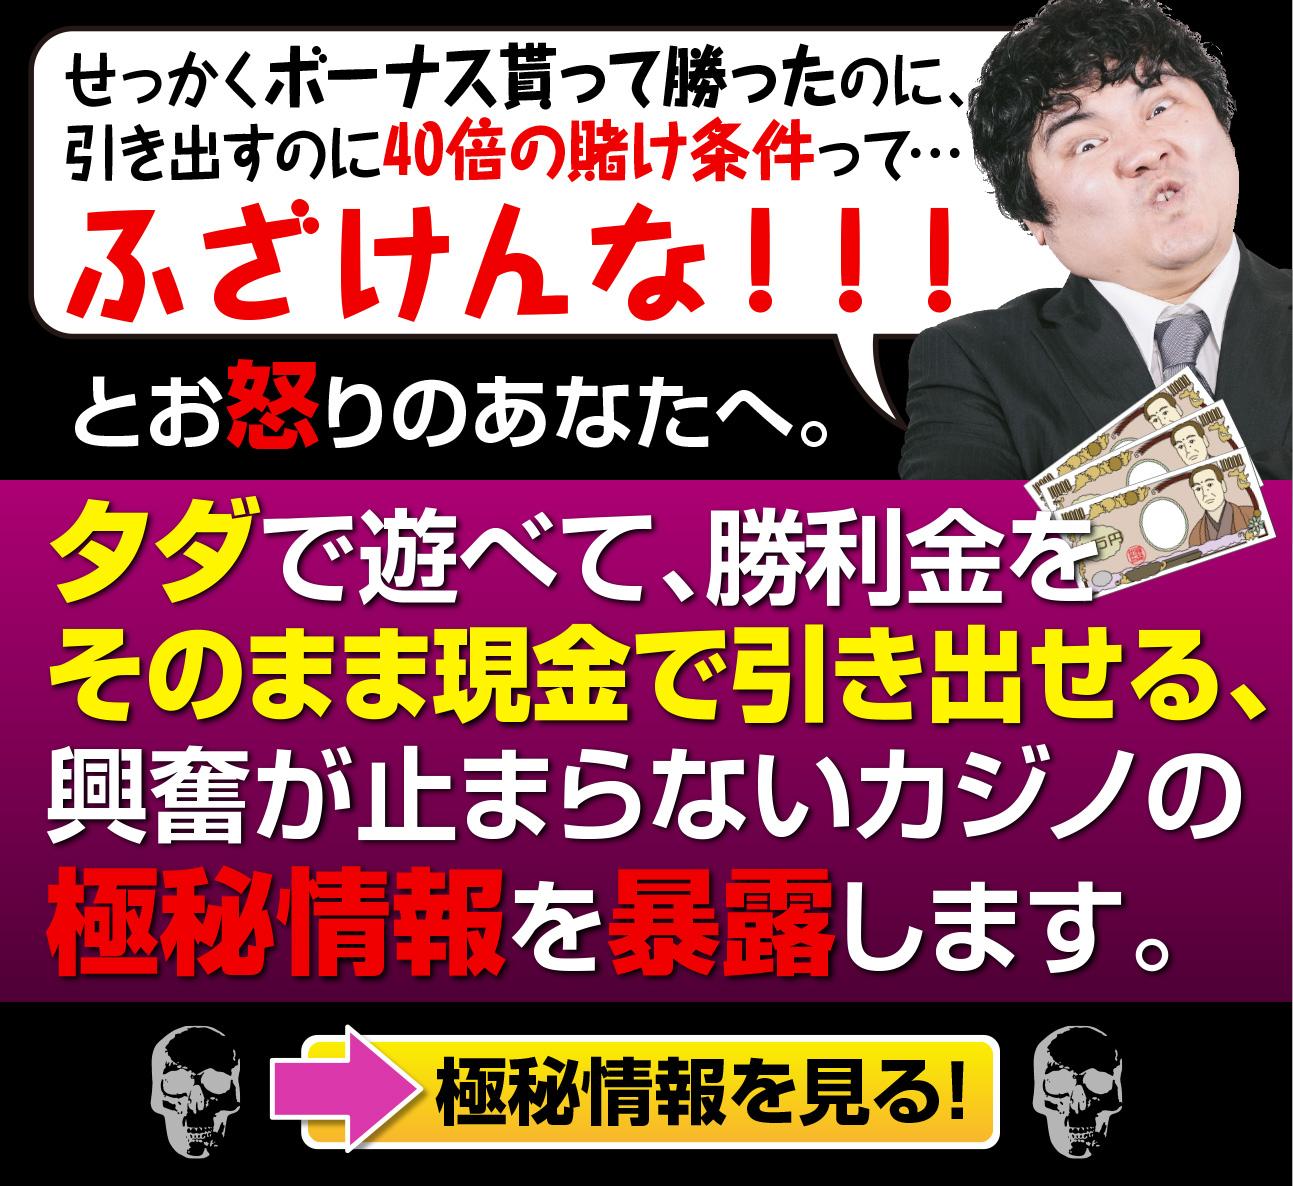 bnr_gokuhi